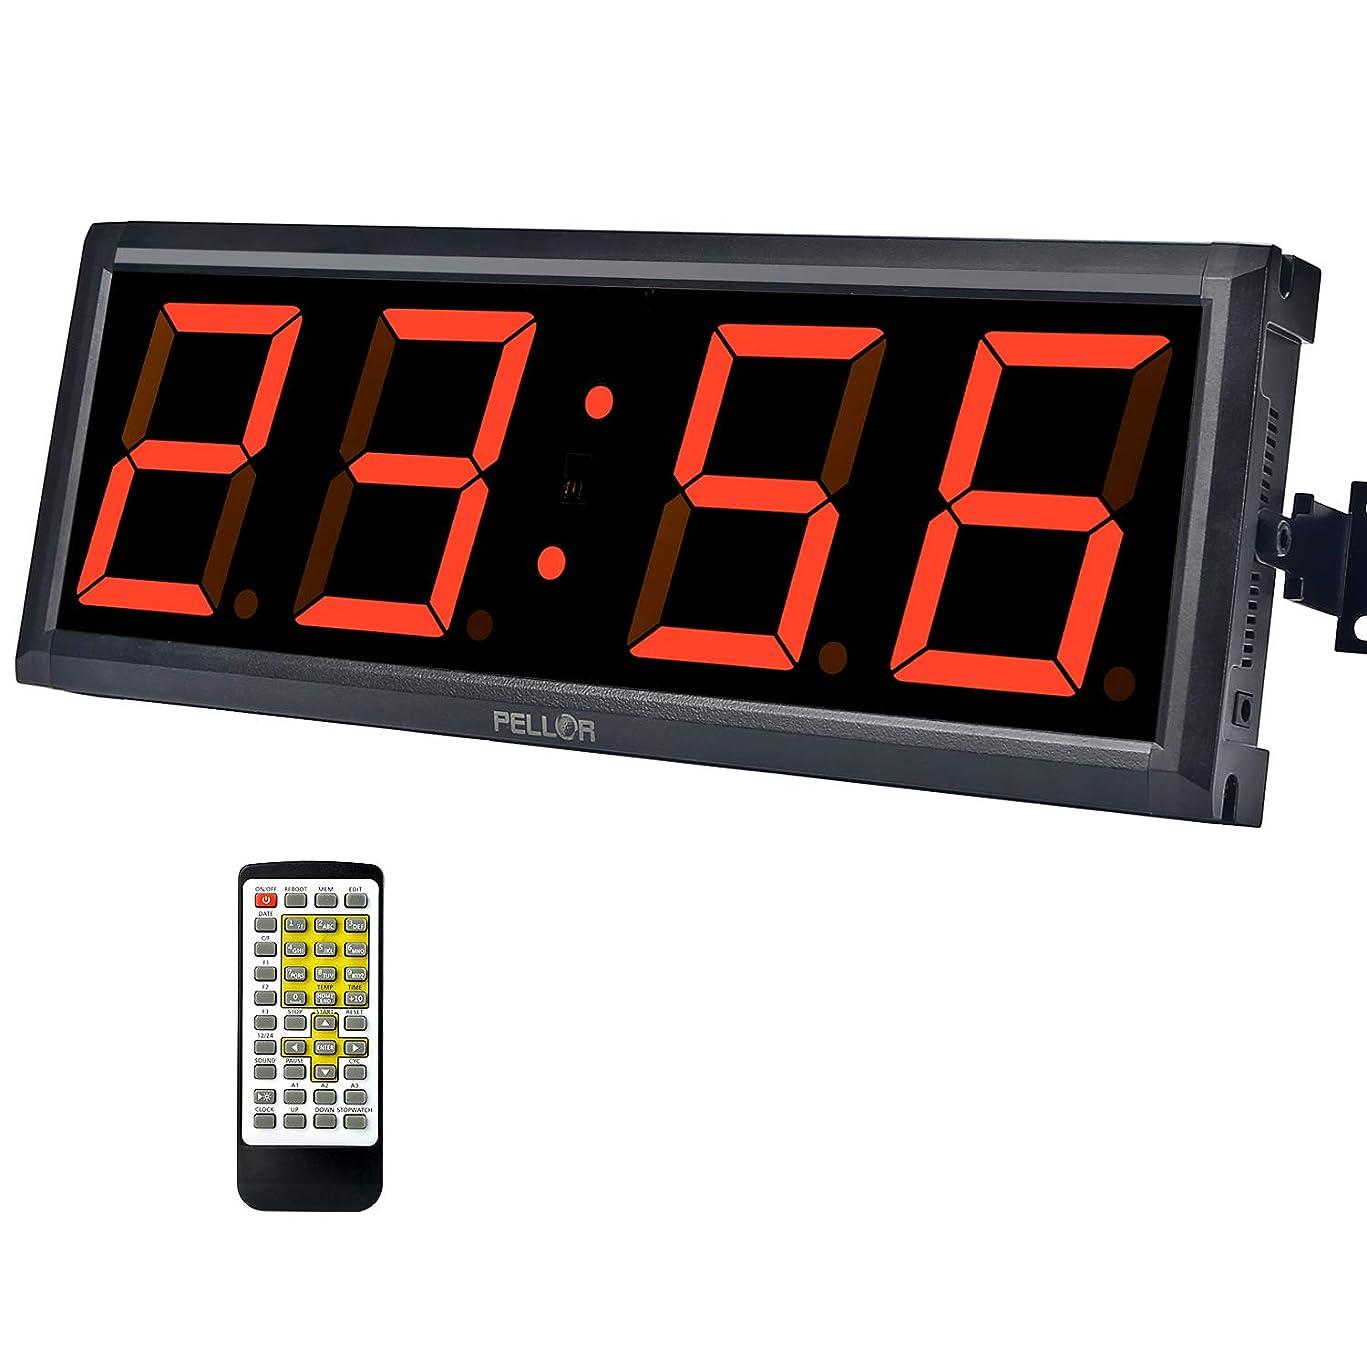 可決続けるゴネリルPellor スポーツタイマー トレーニングタイマー LED壁掛け時計 リモコン付き 多機能 トレーニング フィットネス ゲーム用 LEDタイマー ジム 屋内 日本語説明書付き